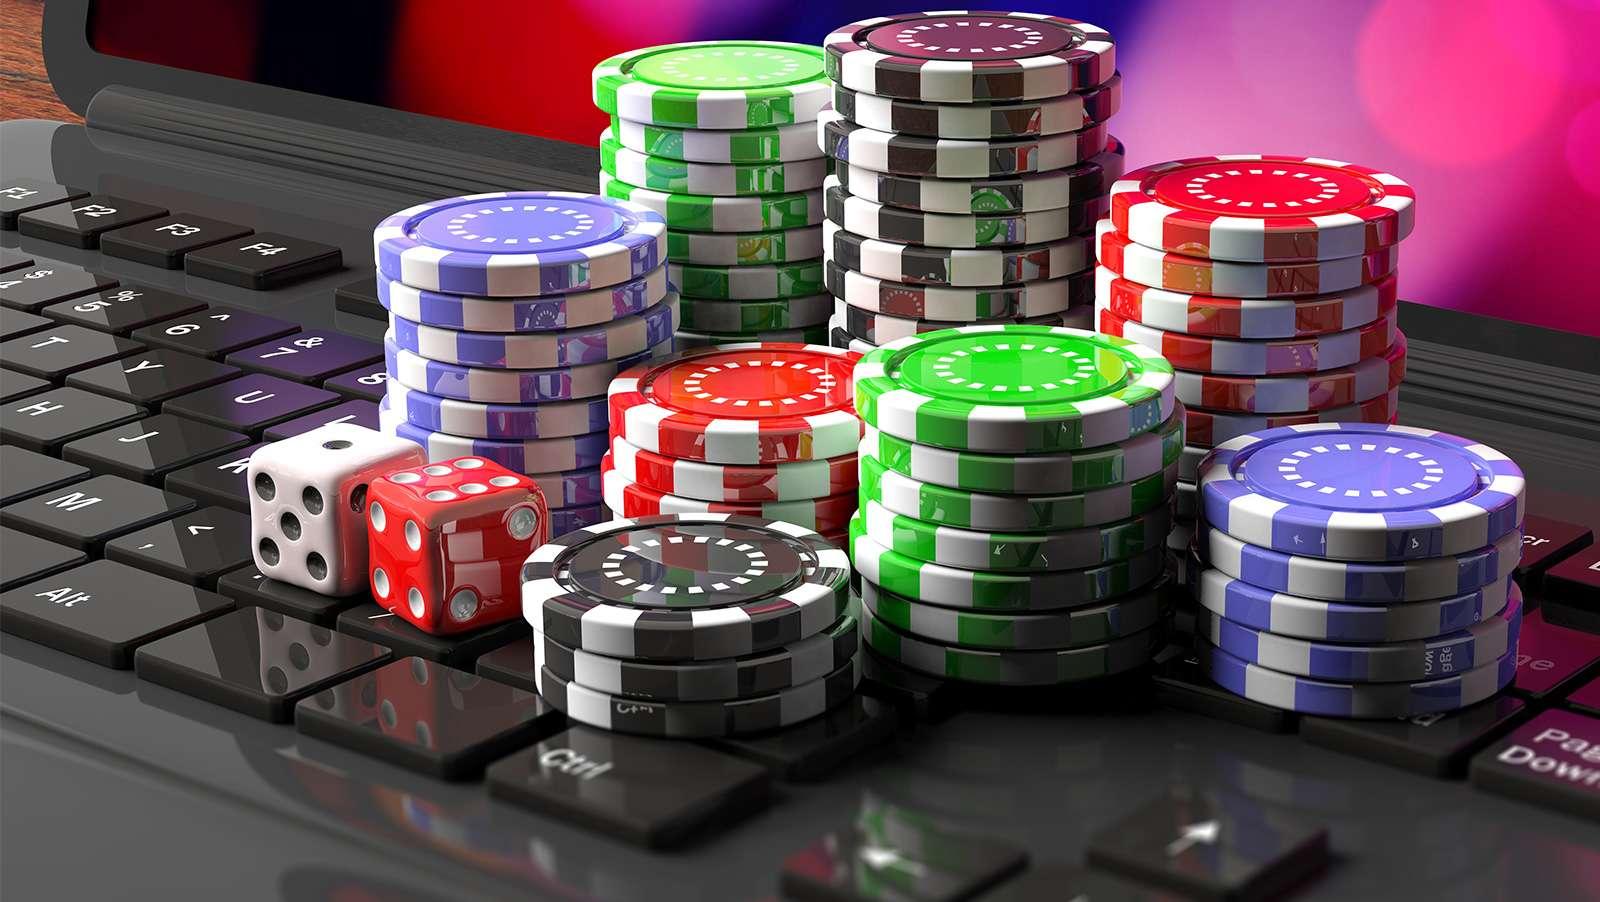 Ontario Gambling Revenue Up But Still Lagging Main Provincial Rivals.